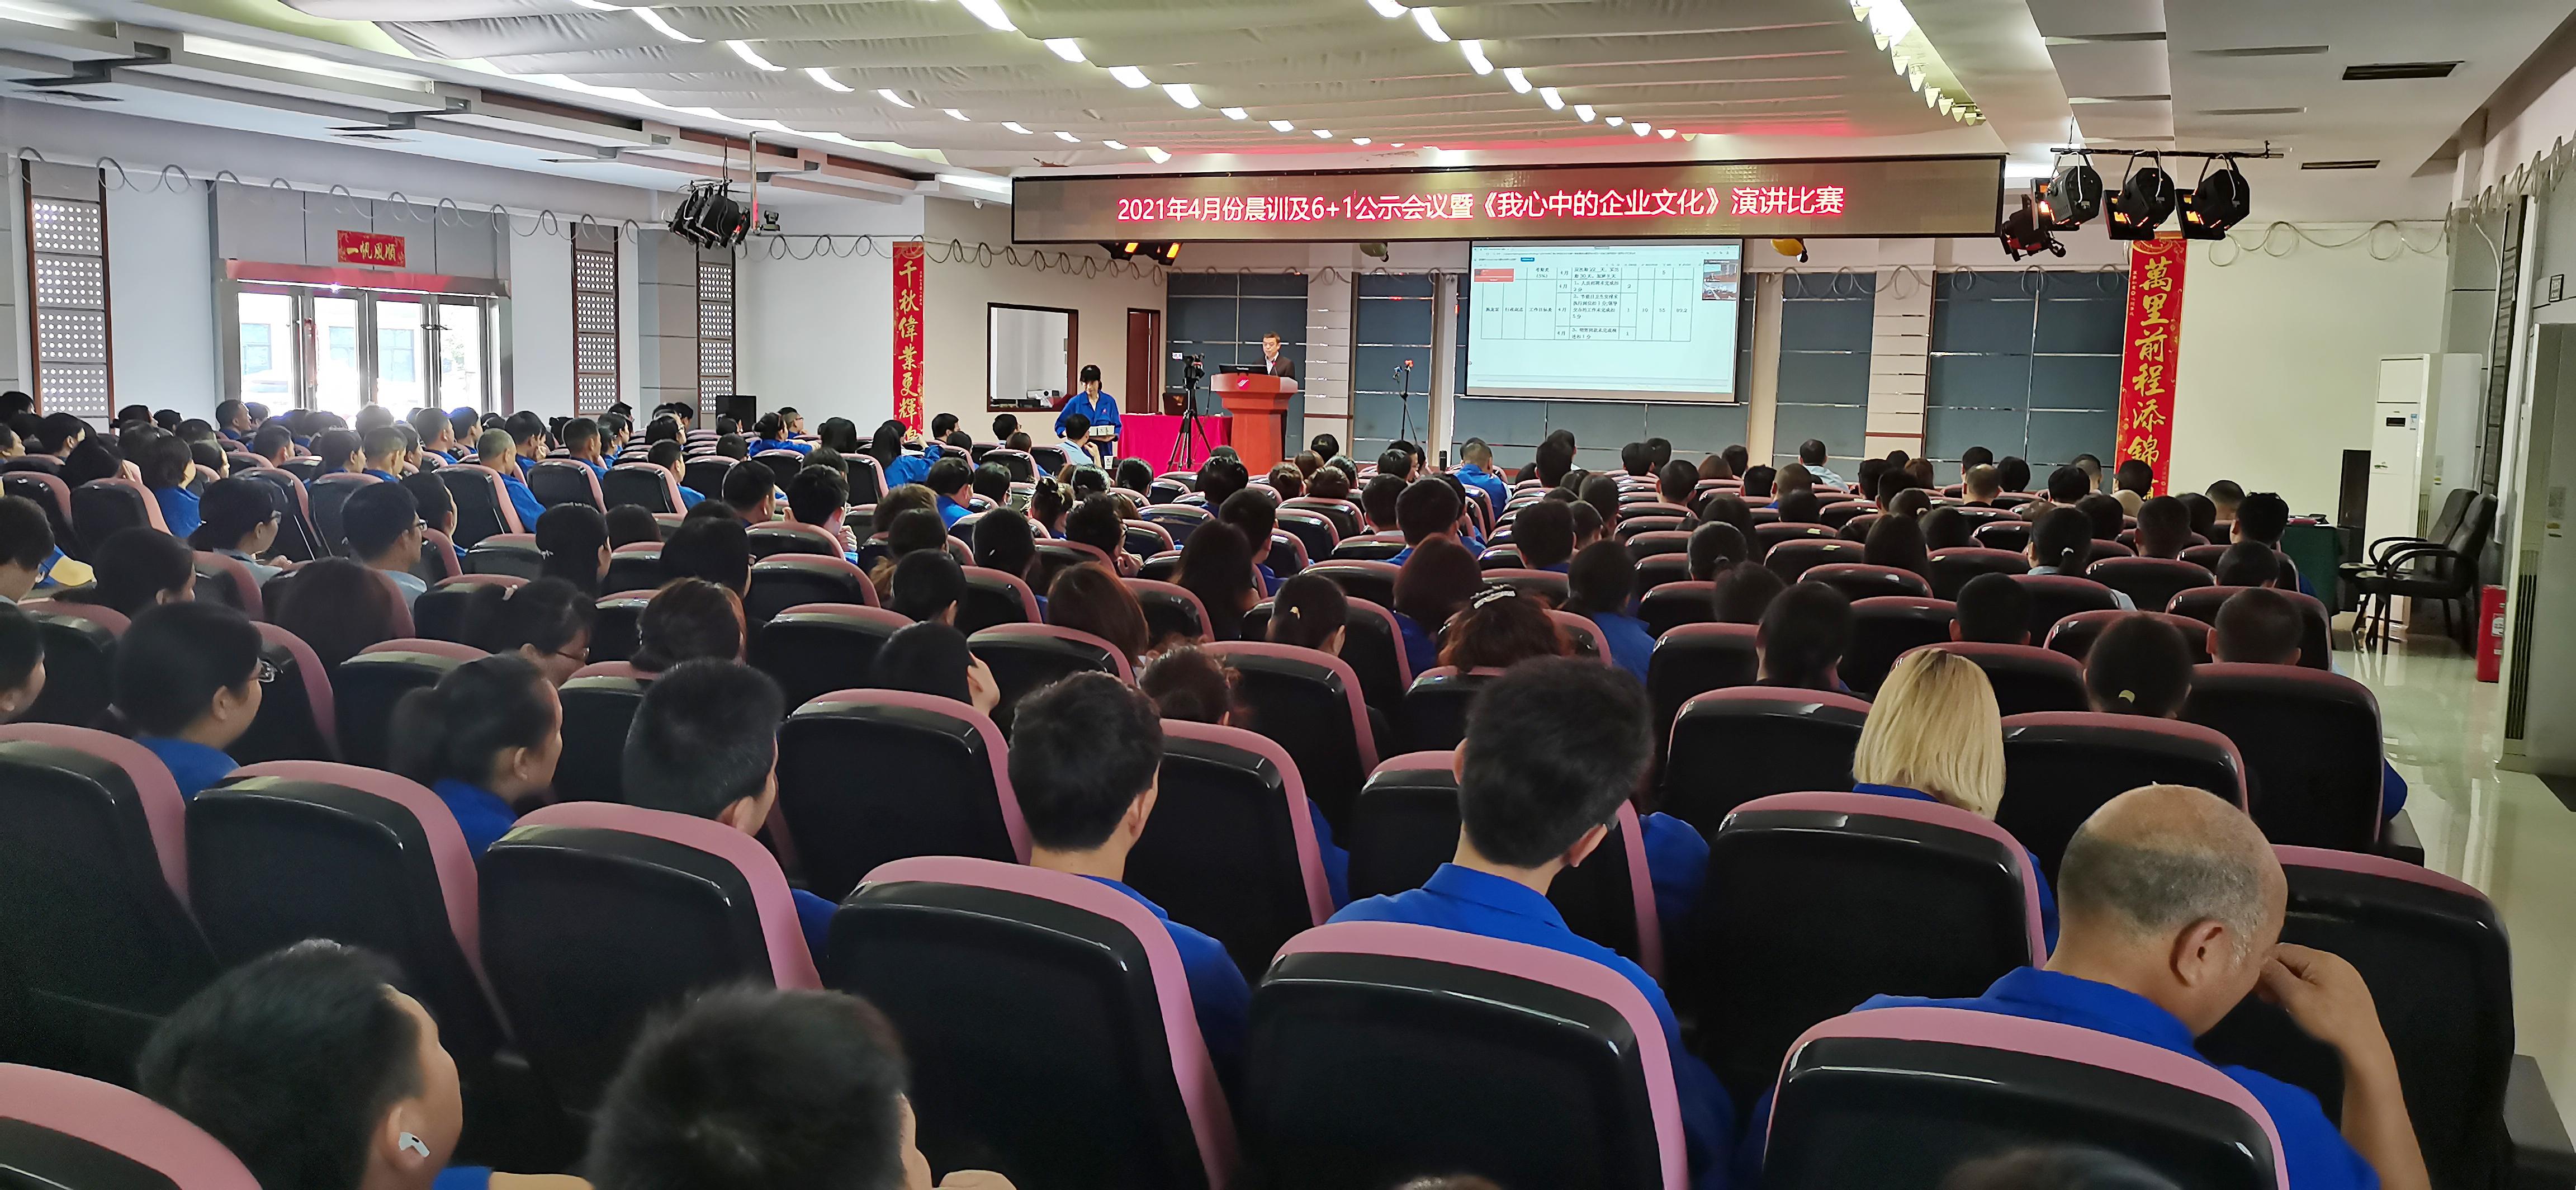 """新泉新林举办""""我心中的企业文化""""演讲比赛——""""企业文化学习年""""系列活动报道之五"""